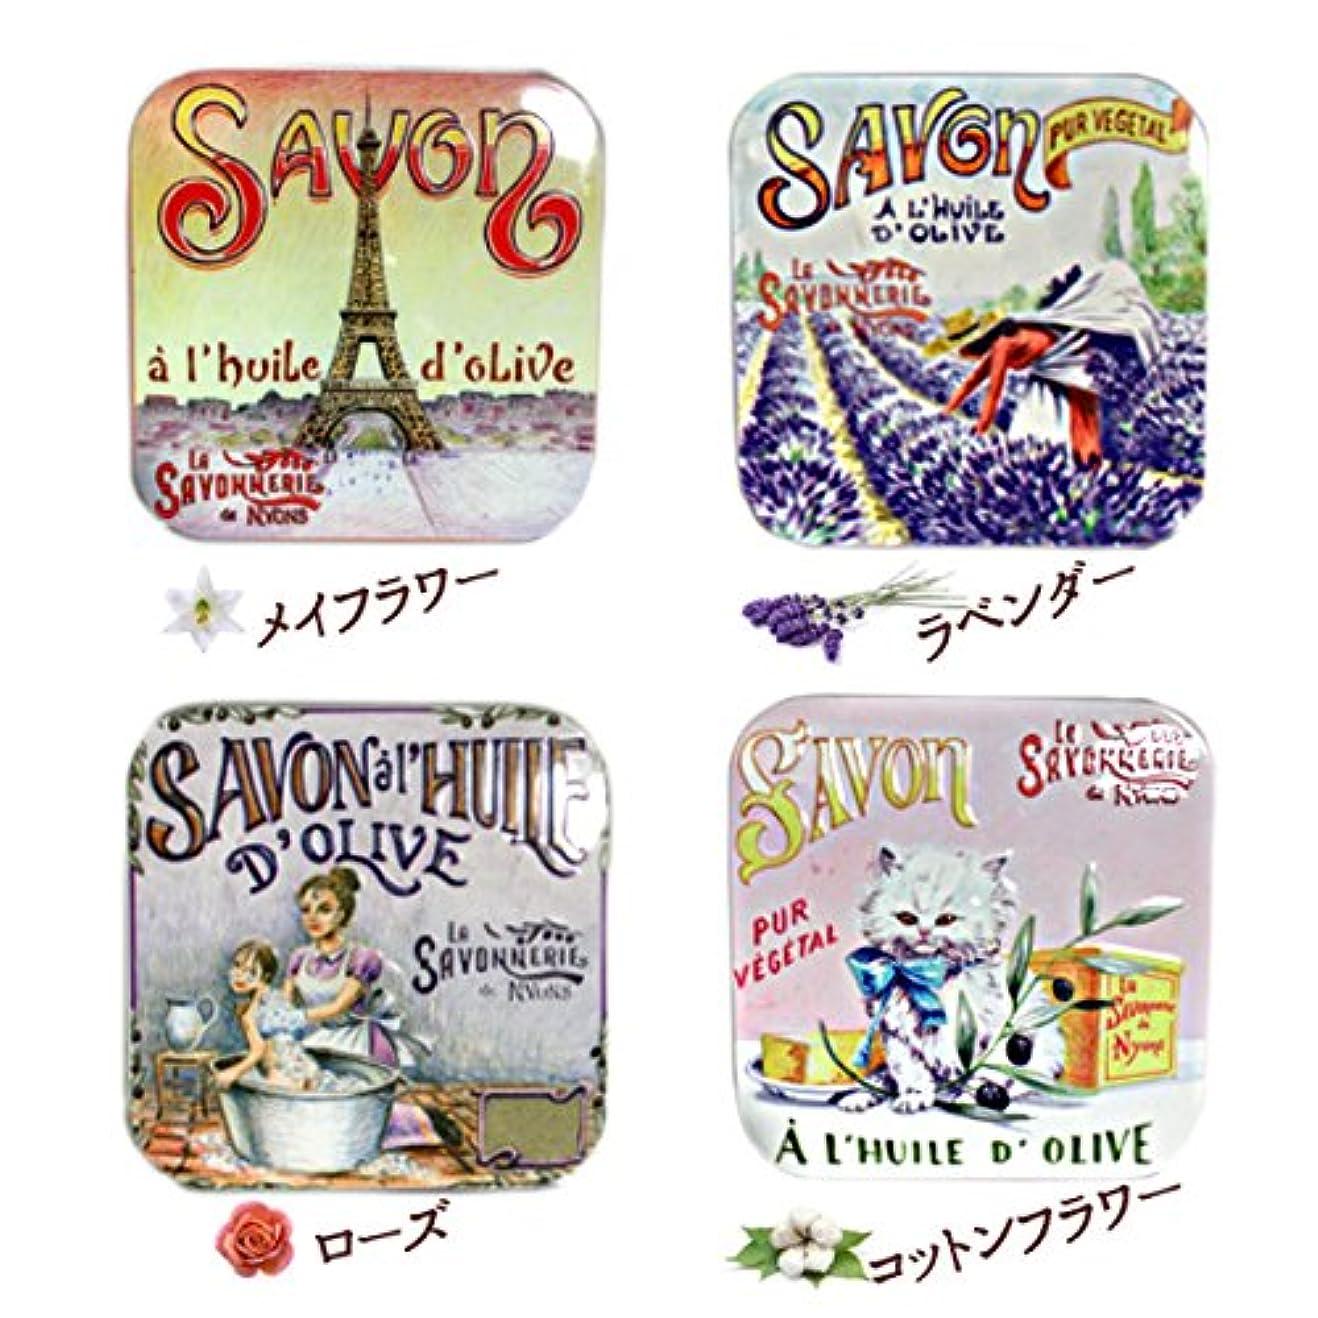 弓エアコン起訴するラサボネリー アンティーク缶入り石鹸 タイプ100 95g (ローズ)